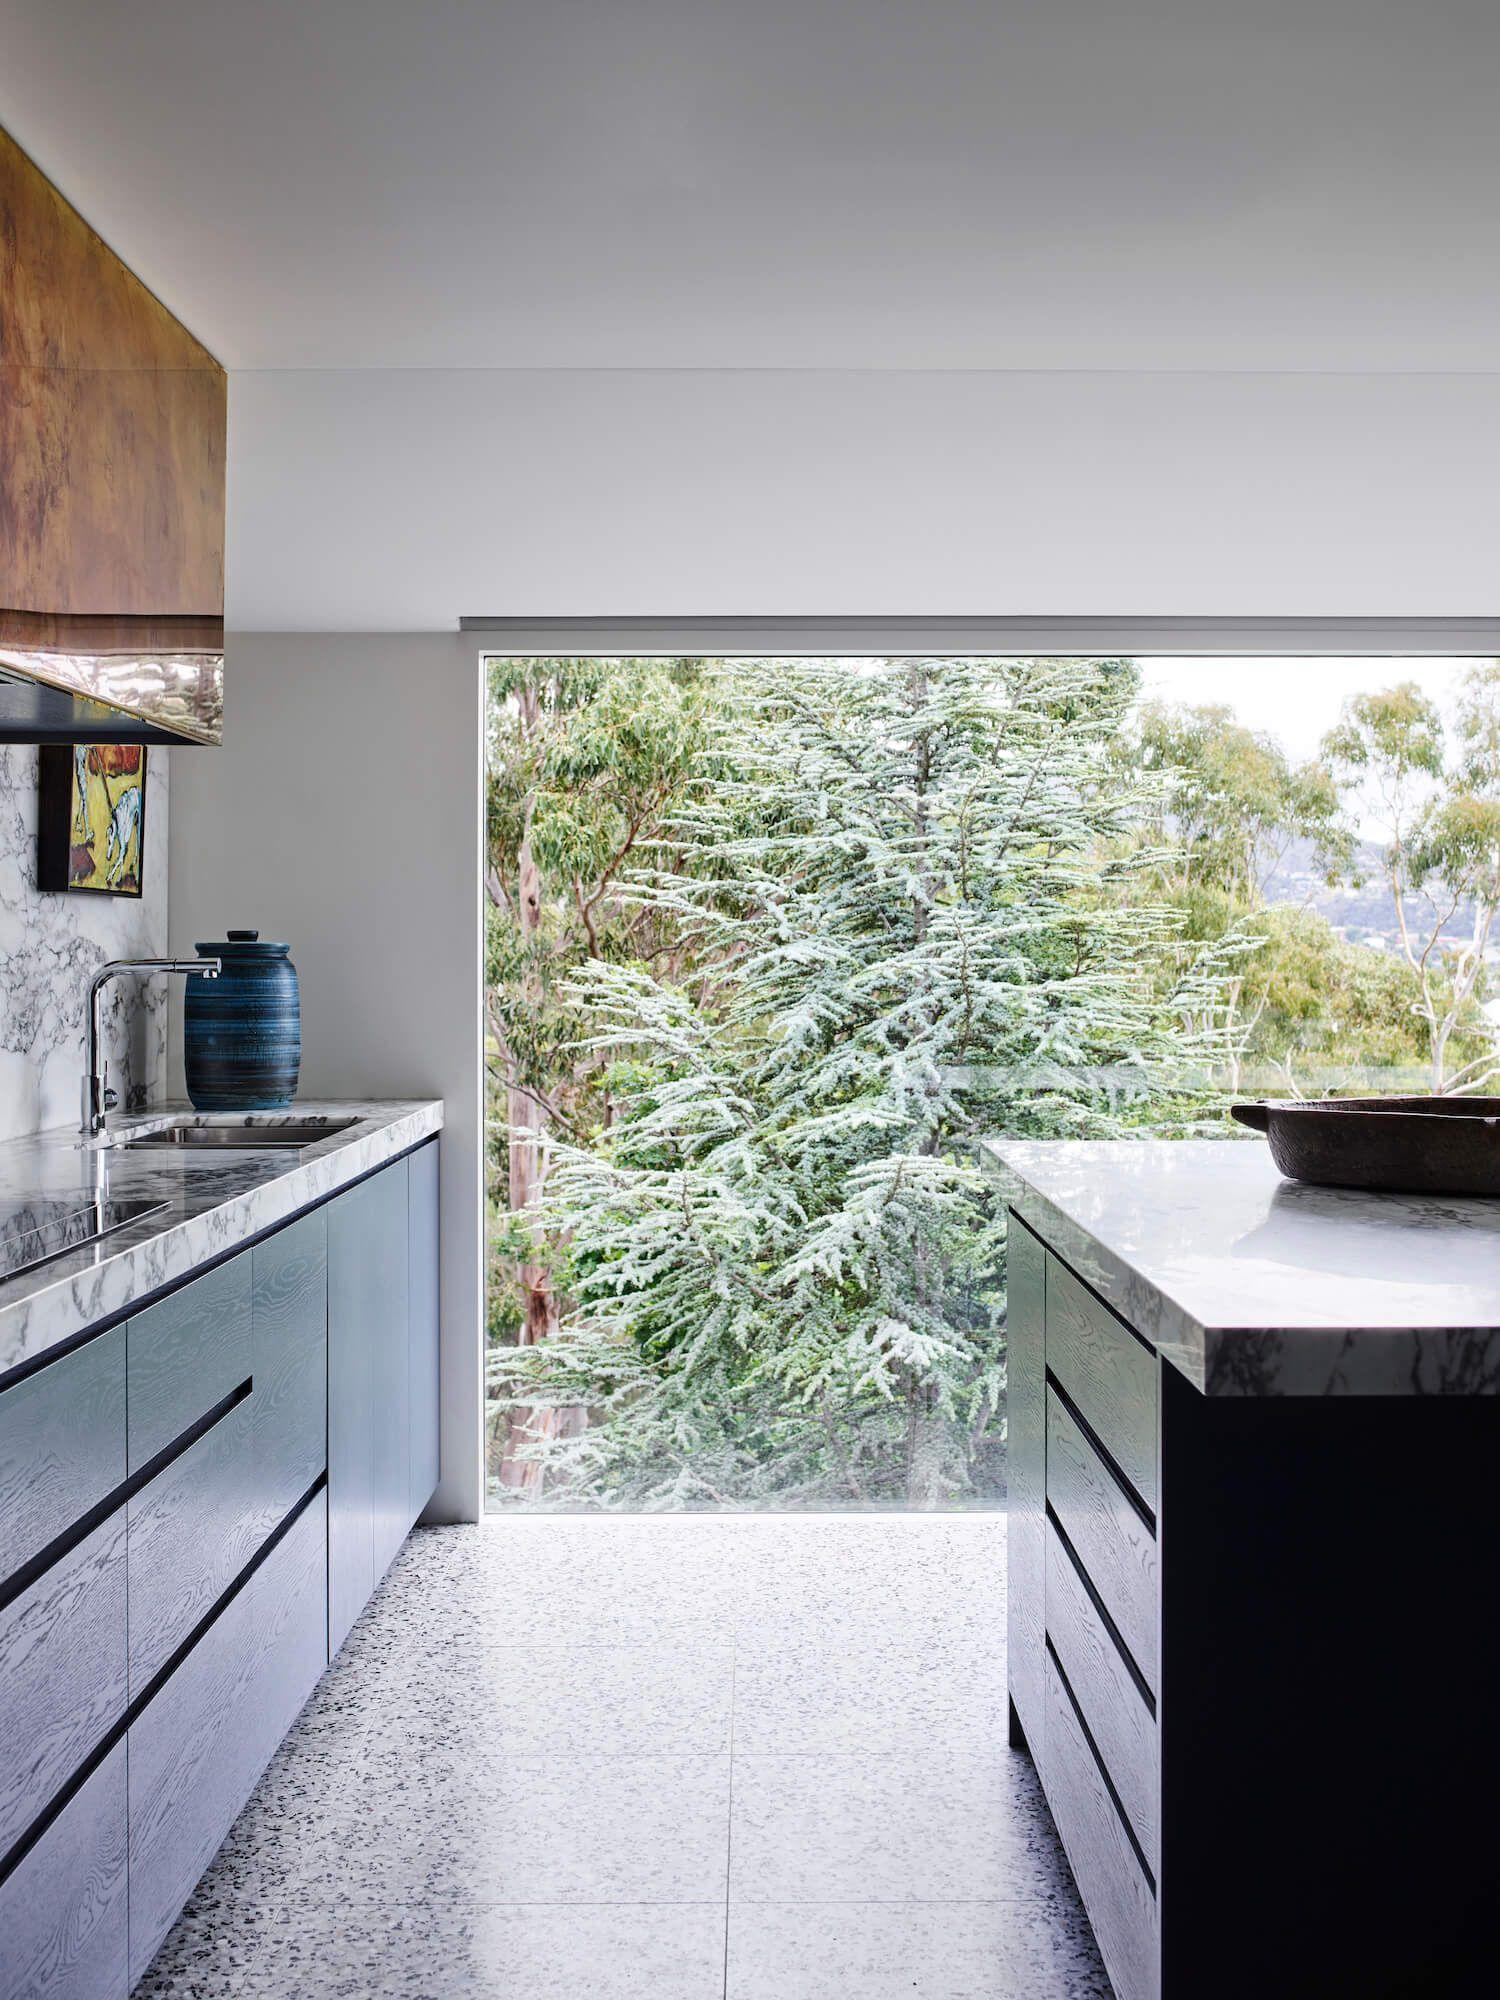 Best And Fairest 2019 Belle Coco Republic Interior Design Awards Est Living Interior Design Awards Flack Studio Australian Interior Design